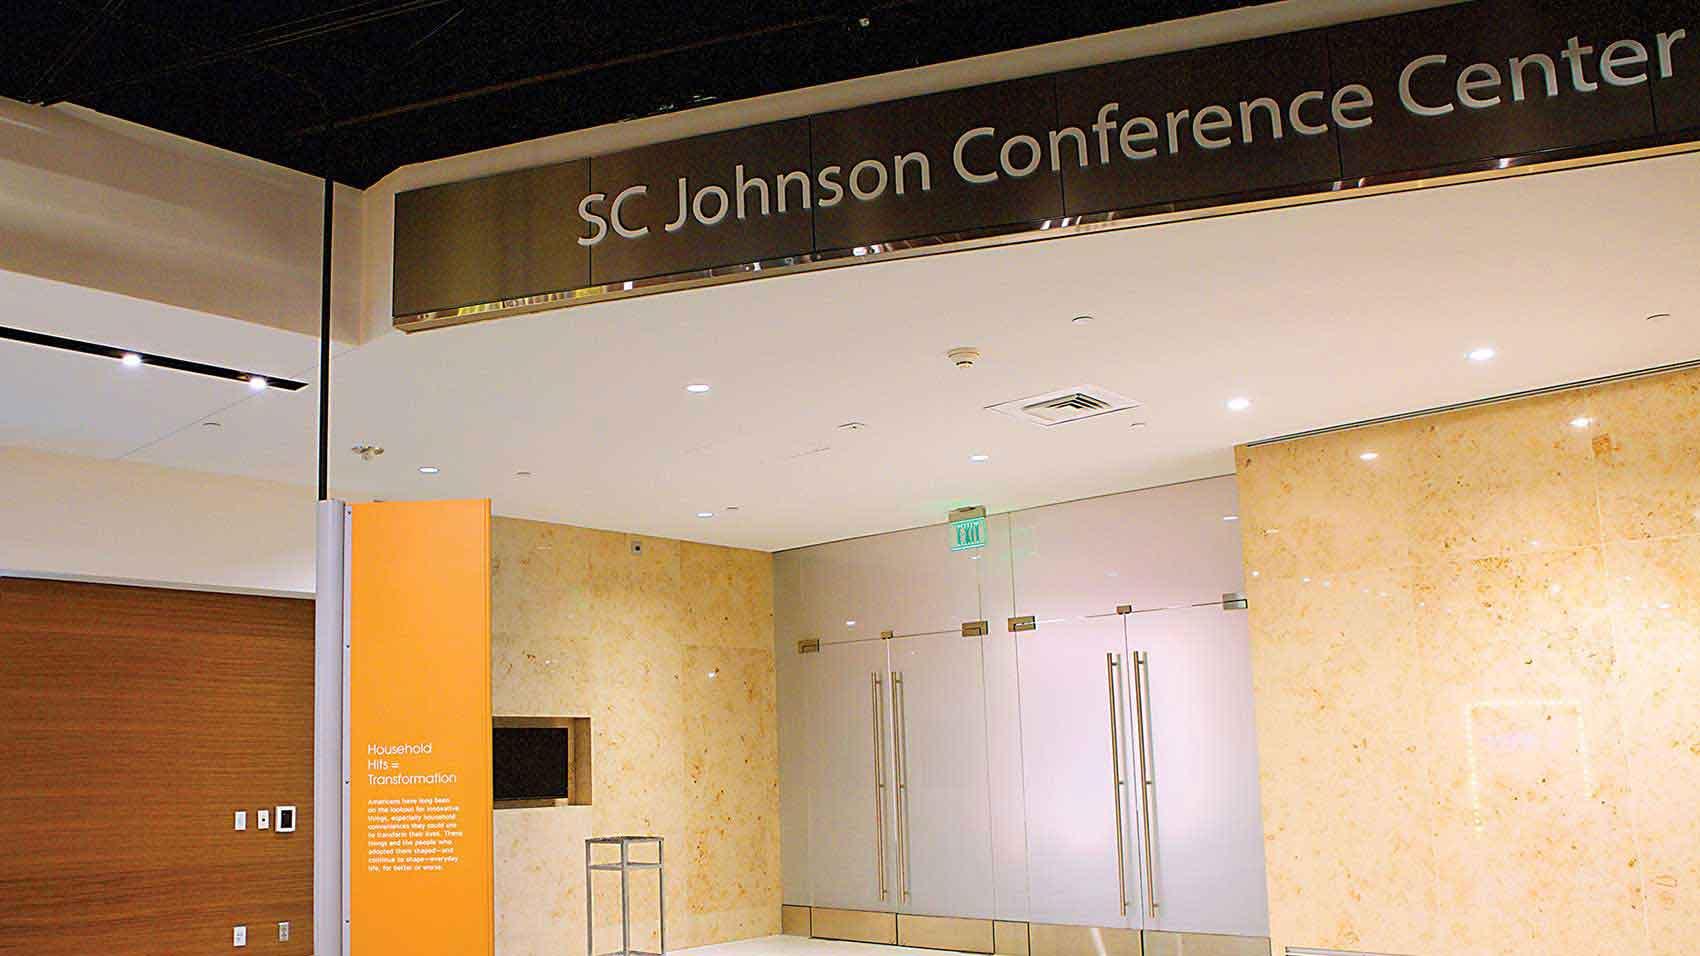 Le Centre de conférence SC Johnson au Smithsonian